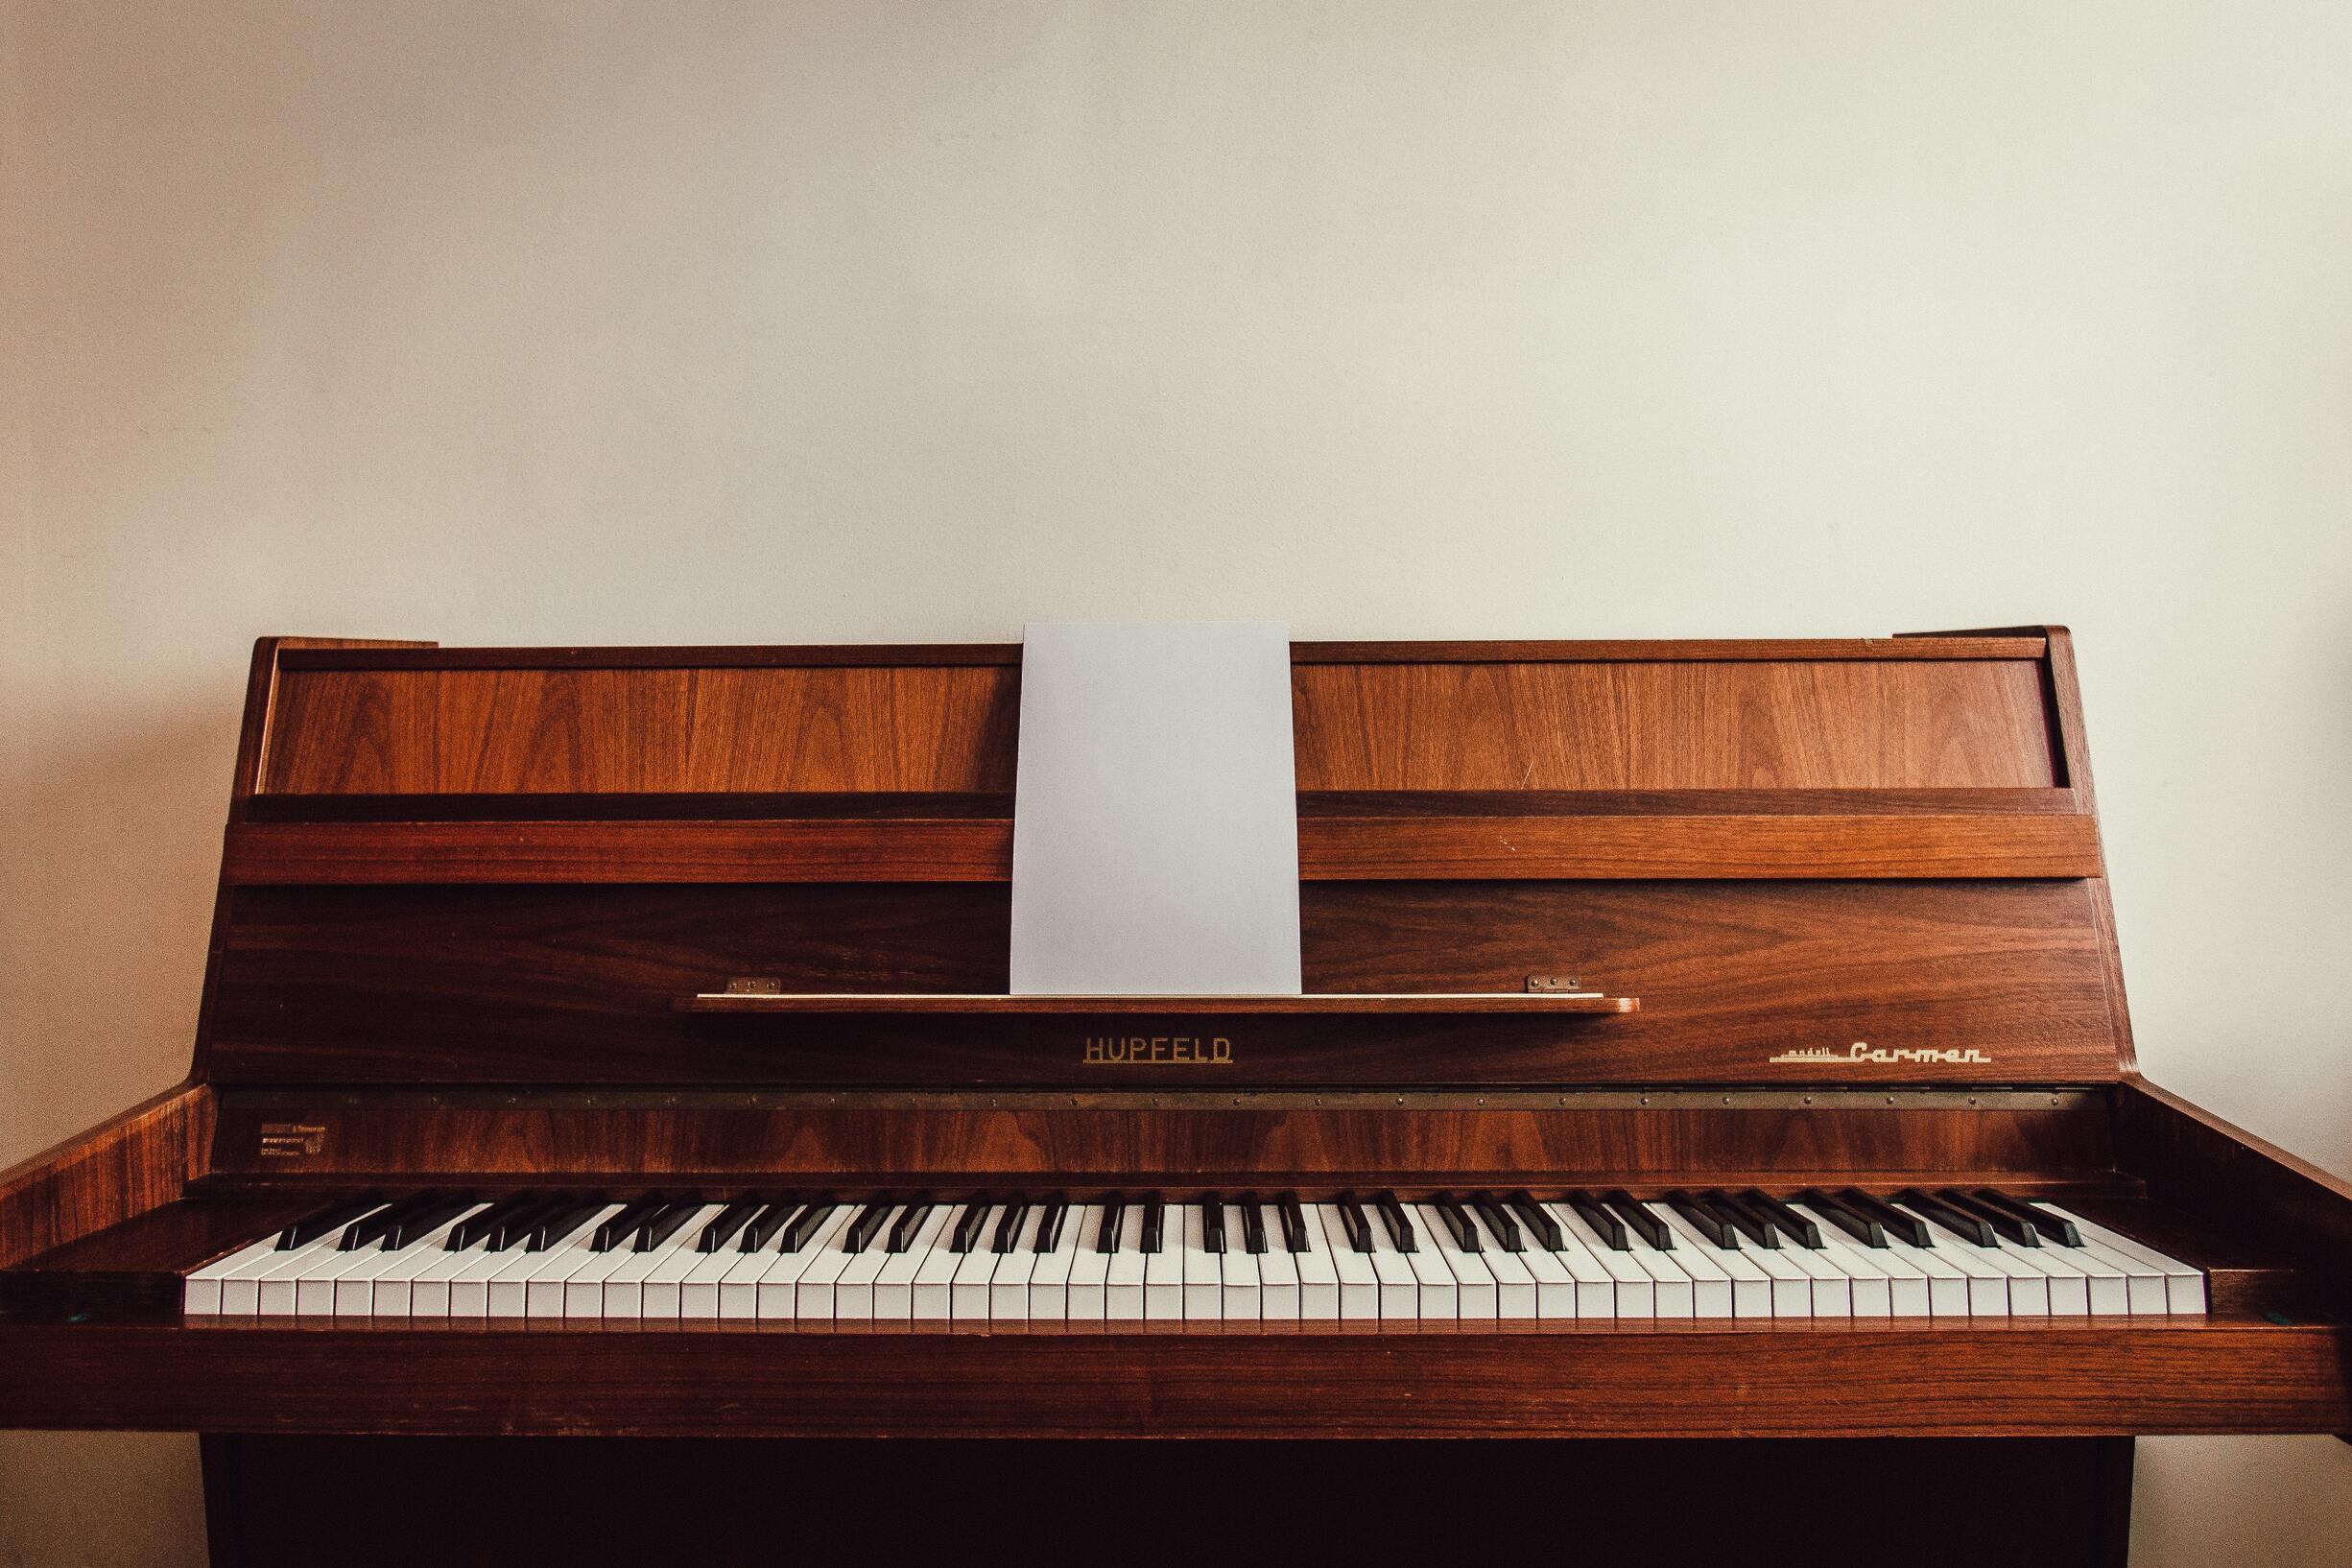 ピアノと電子ピアノを融合した最近話題のハイブリッドピアノとは?